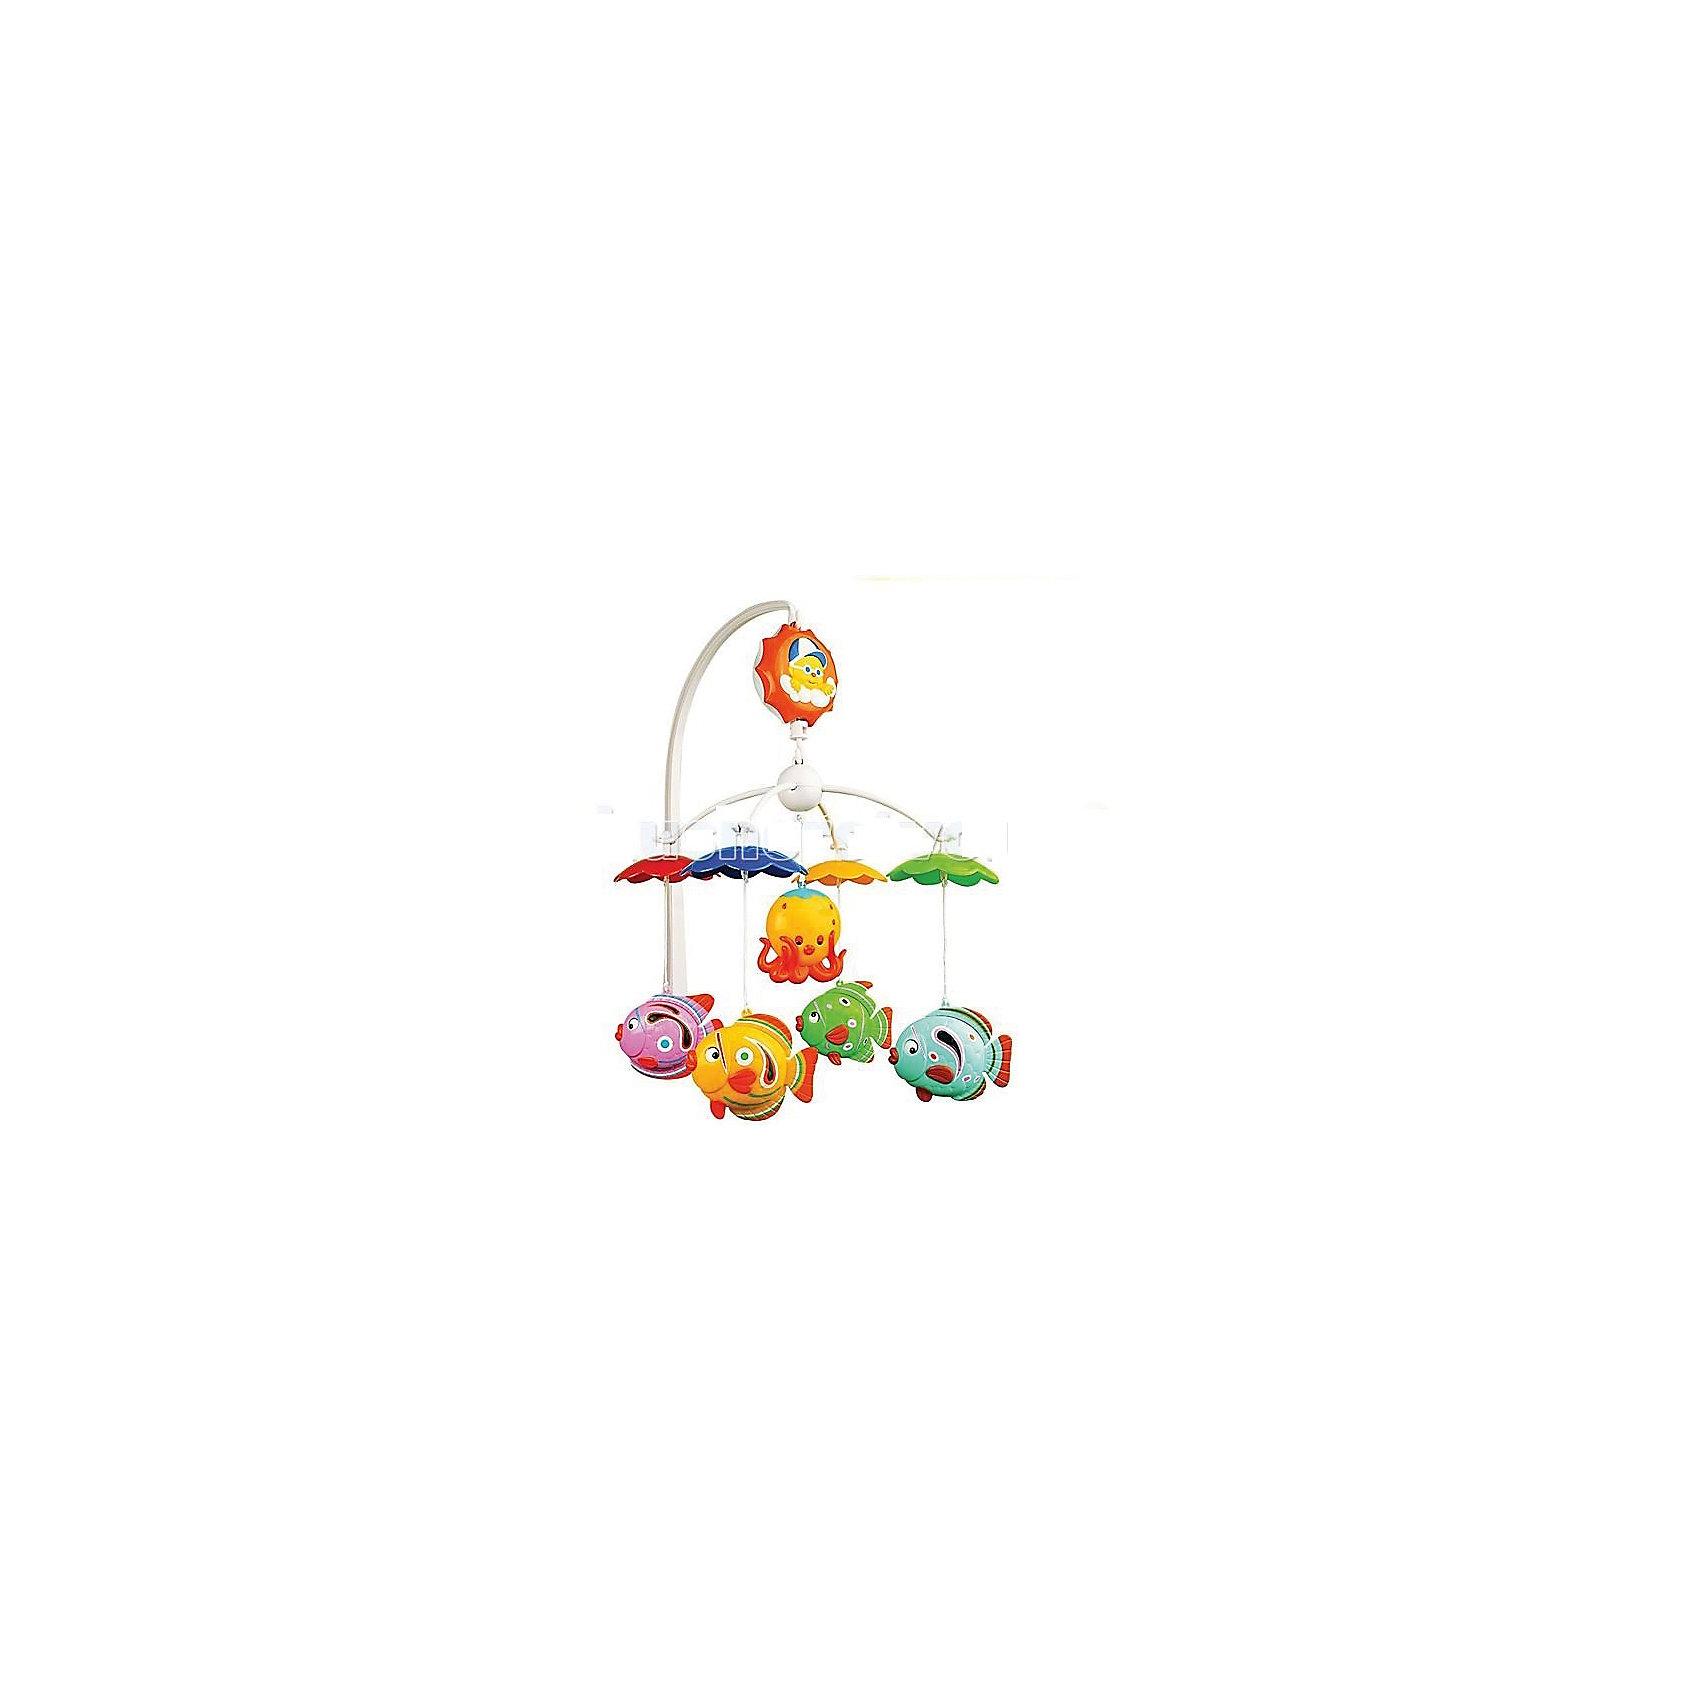 Музыкальная карусель (мобиль) с колыбельными, УмкаМобили<br>Музыкальная карусель (мобиль) с колыбельными, Умка<br><br>Характеристики:<br><br>• Цвет: мульти<br>• Количество мелодий: 9<br>• Возраст: от 0 месяцев<br>• Размер игрушки: 80 мм<br>• Материал: пластик<br>• Количество игрушек: 5<br><br>Мобиль с яркими животными сделан безопасного пластика ярких, привлекающих цветов. Девять успокаивающих мелодий помогут малышу обрести крепкий сон. Сама игрушка способствует развитию концентрации внимания, моторики рук и визуального восприятия. Крепление на кроватку – стойкой, очень надежное и гарантированно не упадет, даже вовремя активной игры.<br><br>Музыкальная карусель (мобиль) с колыбельными, Умка можно купить в нашем интернет-магазине.<br><br>Ширина мм: 35<br>Глубина мм: 27<br>Высота мм: 5<br>Вес г: 590<br>Возраст от месяцев: 0<br>Возраст до месяцев: 36<br>Пол: Унисекс<br>Возраст: Детский<br>SKU: 4845294